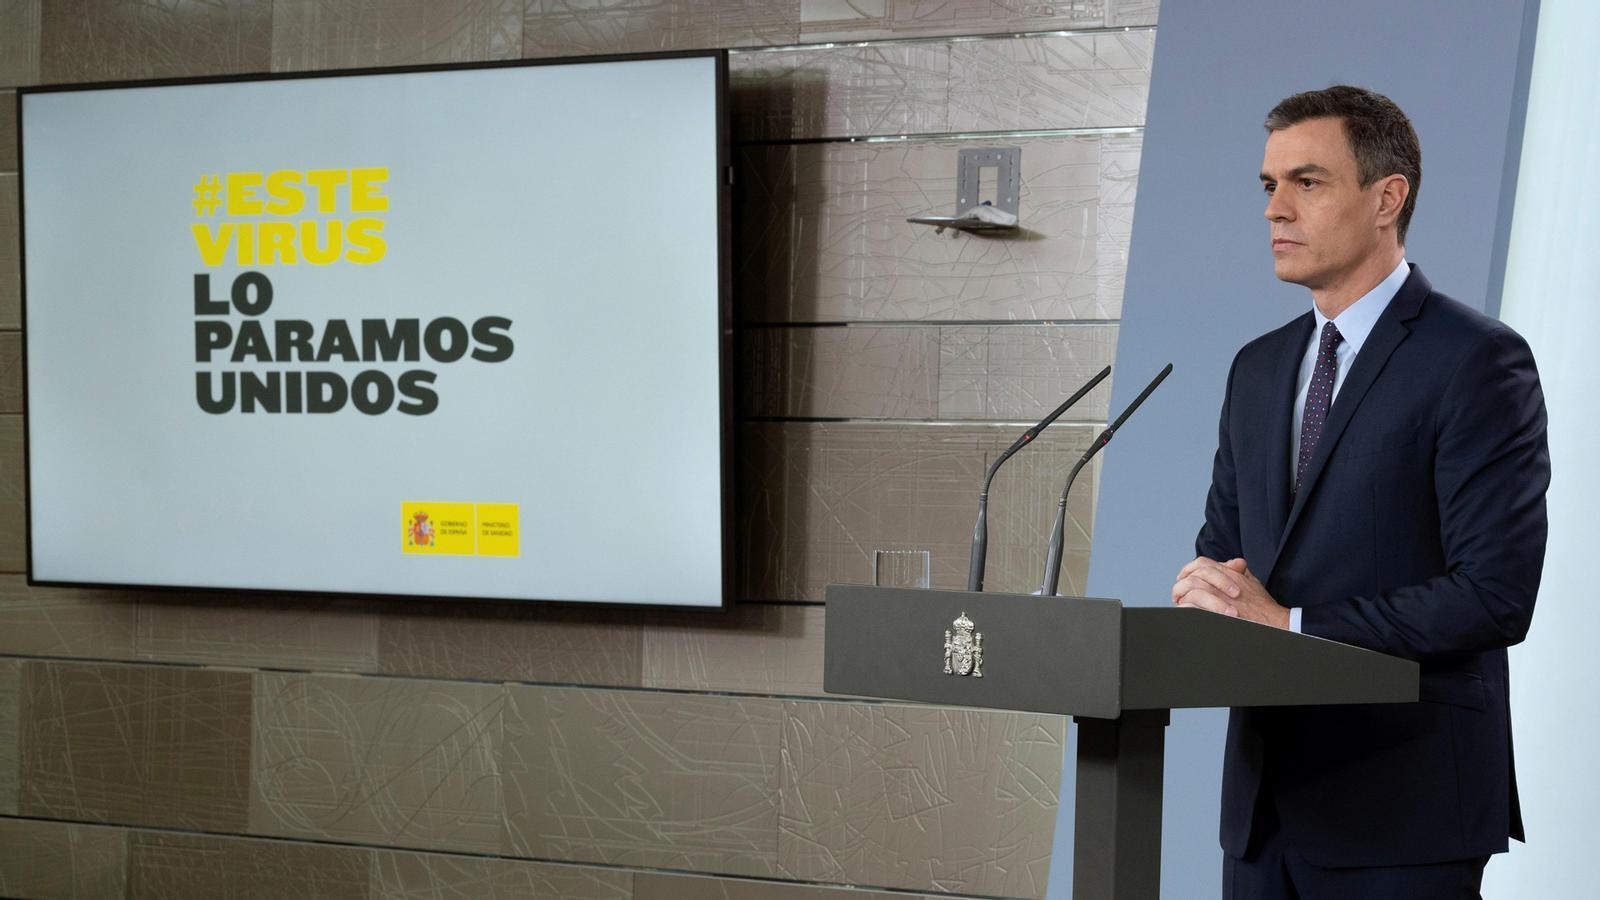 23 morts a Catalunya només avui, i Sánchez anuncia un pla de 200.000 milions: les claus del vespre amb Antoni Bassas (17/03/2020)